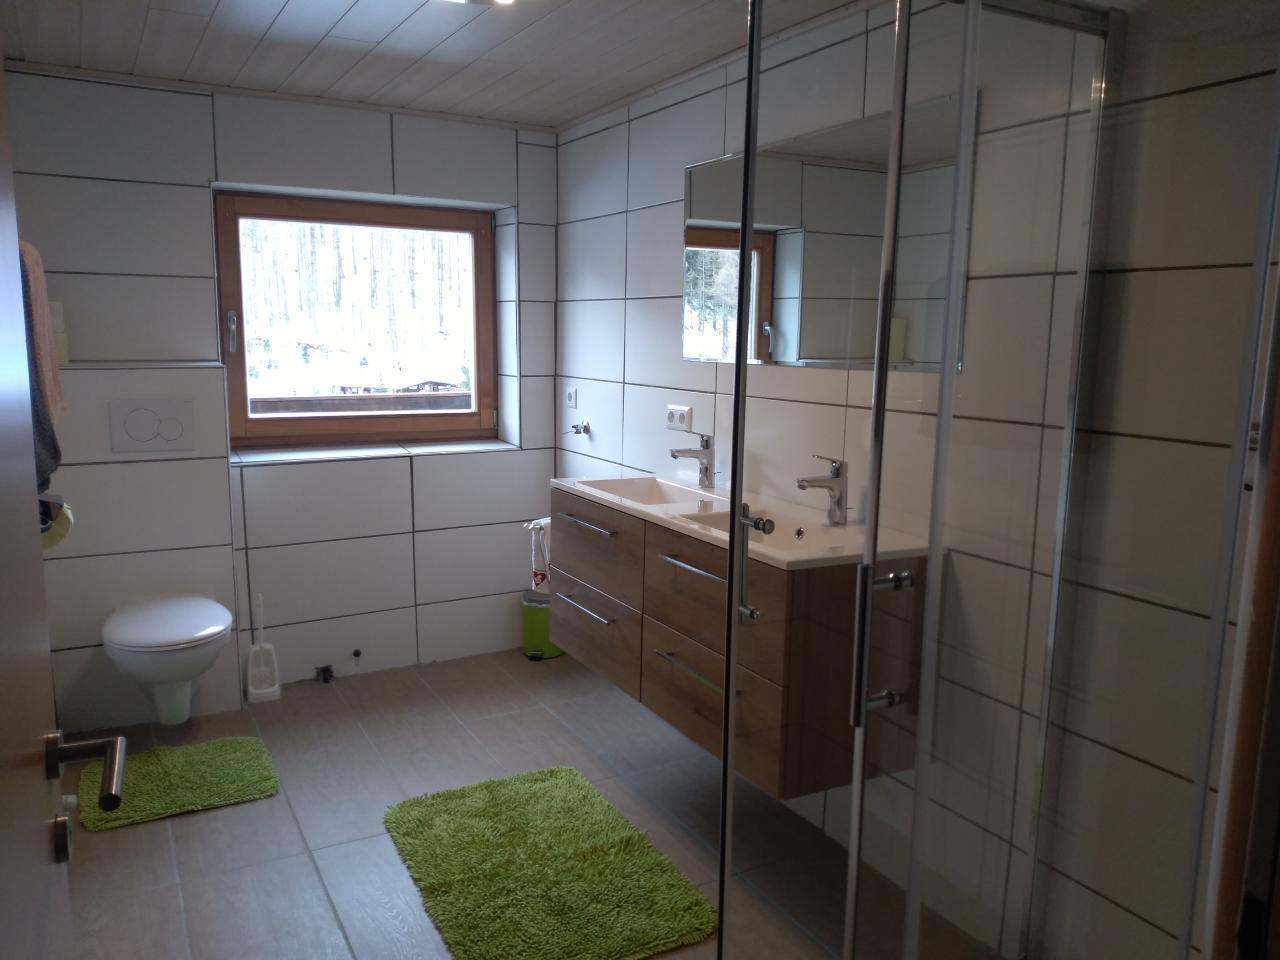 Appartement de vacances Haus Sonnenalm (730061), St. Sigmund im Sellrain, Innsbruck, Tyrol, Autriche, image 11